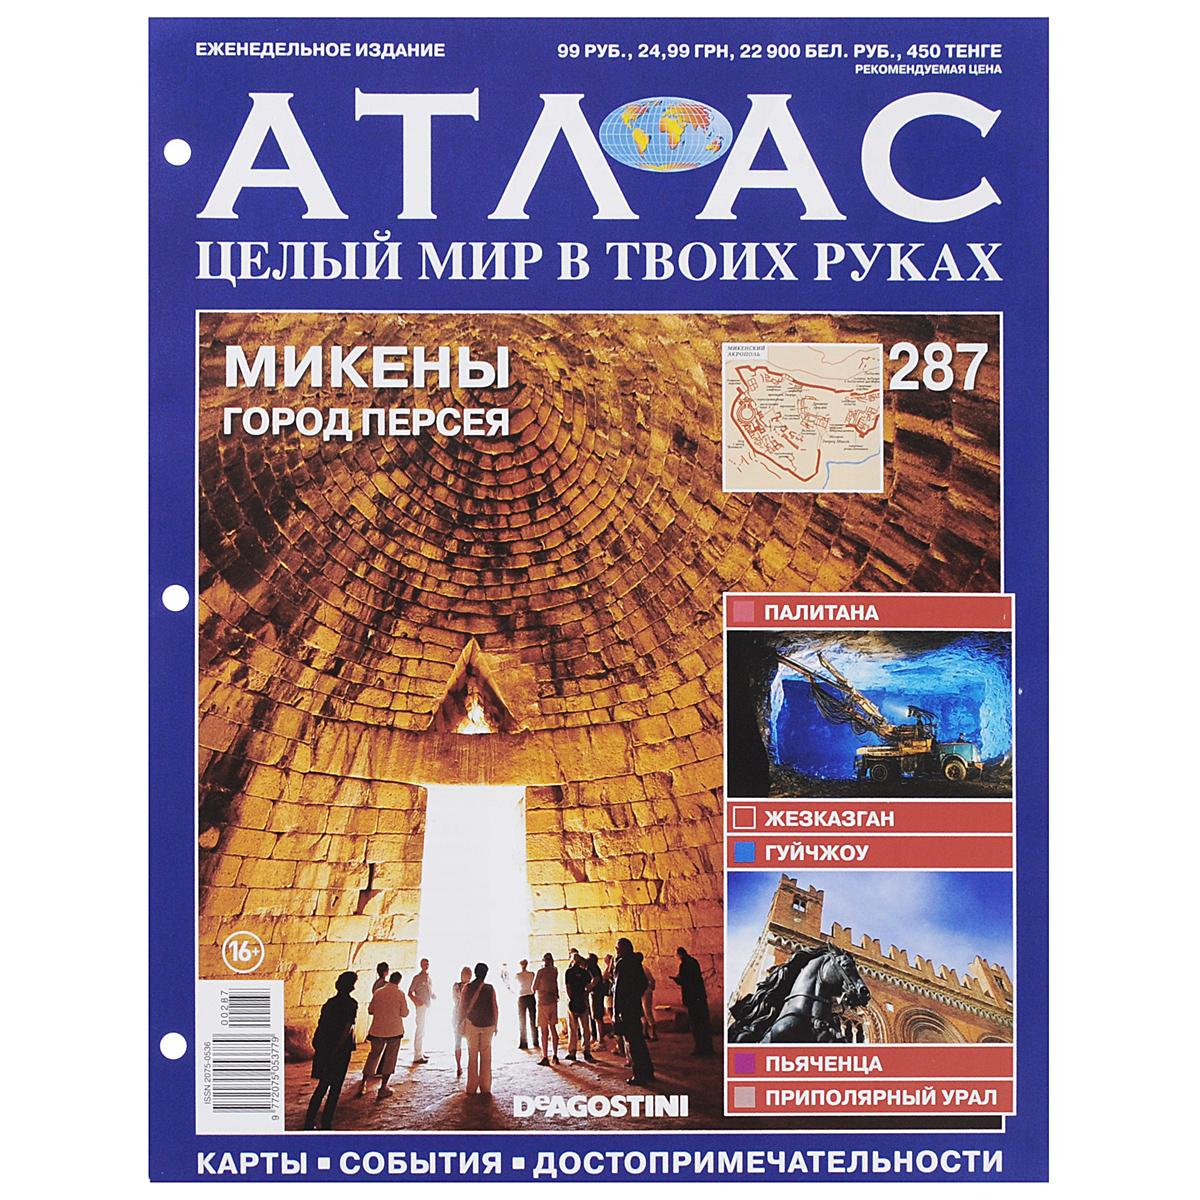 Журнал Атлас. Целый мир в твоих руках №287